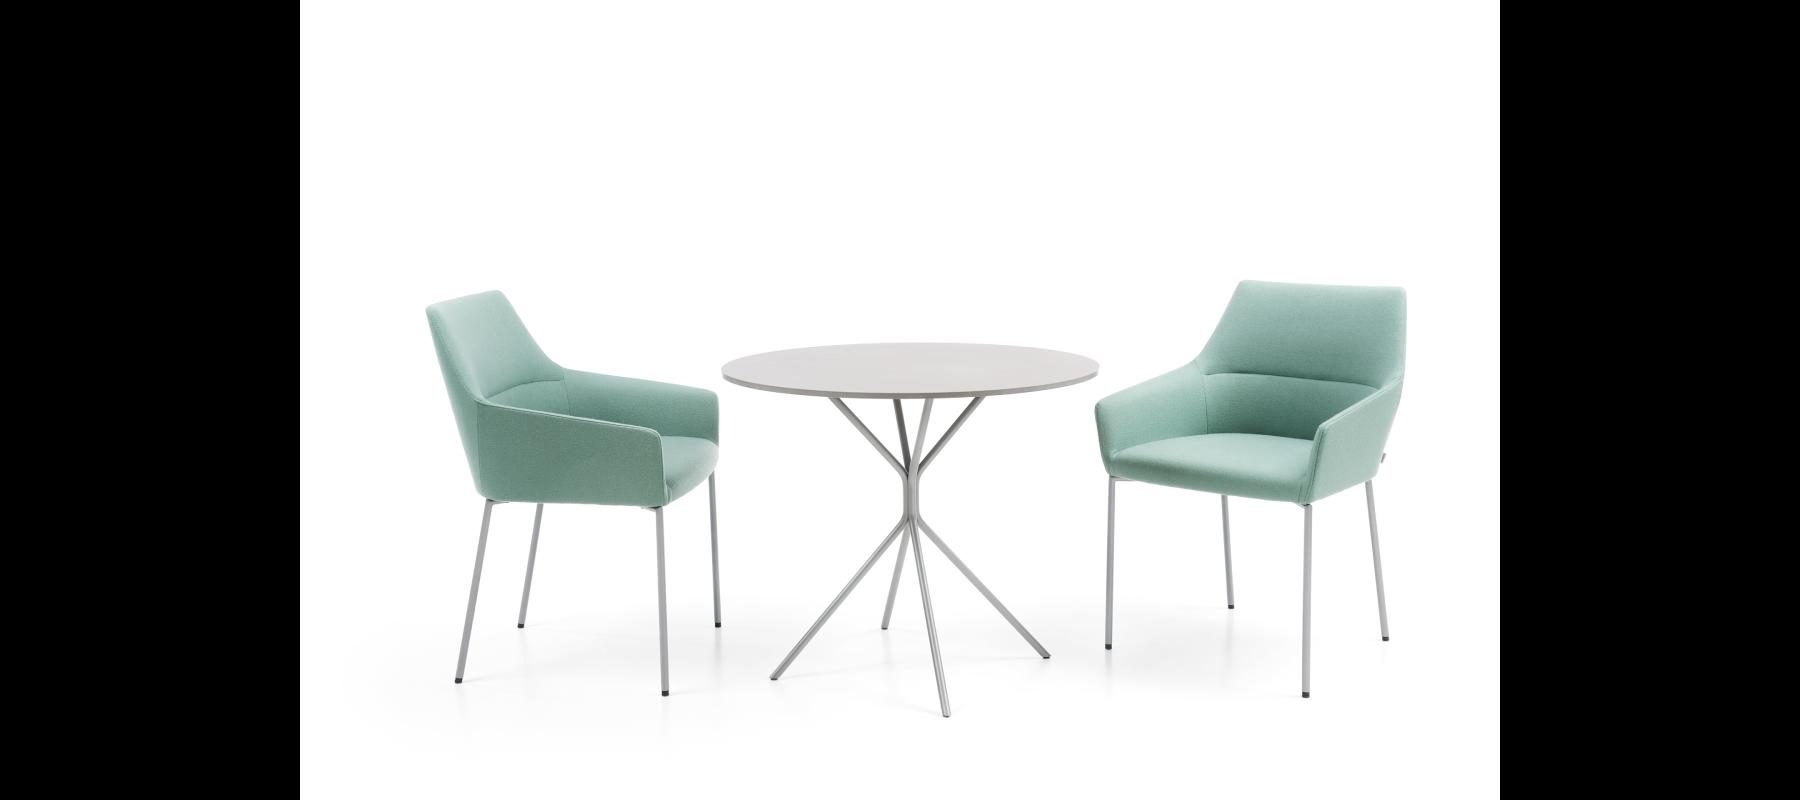 krzesła stacjonarne chic aranżacje - 10